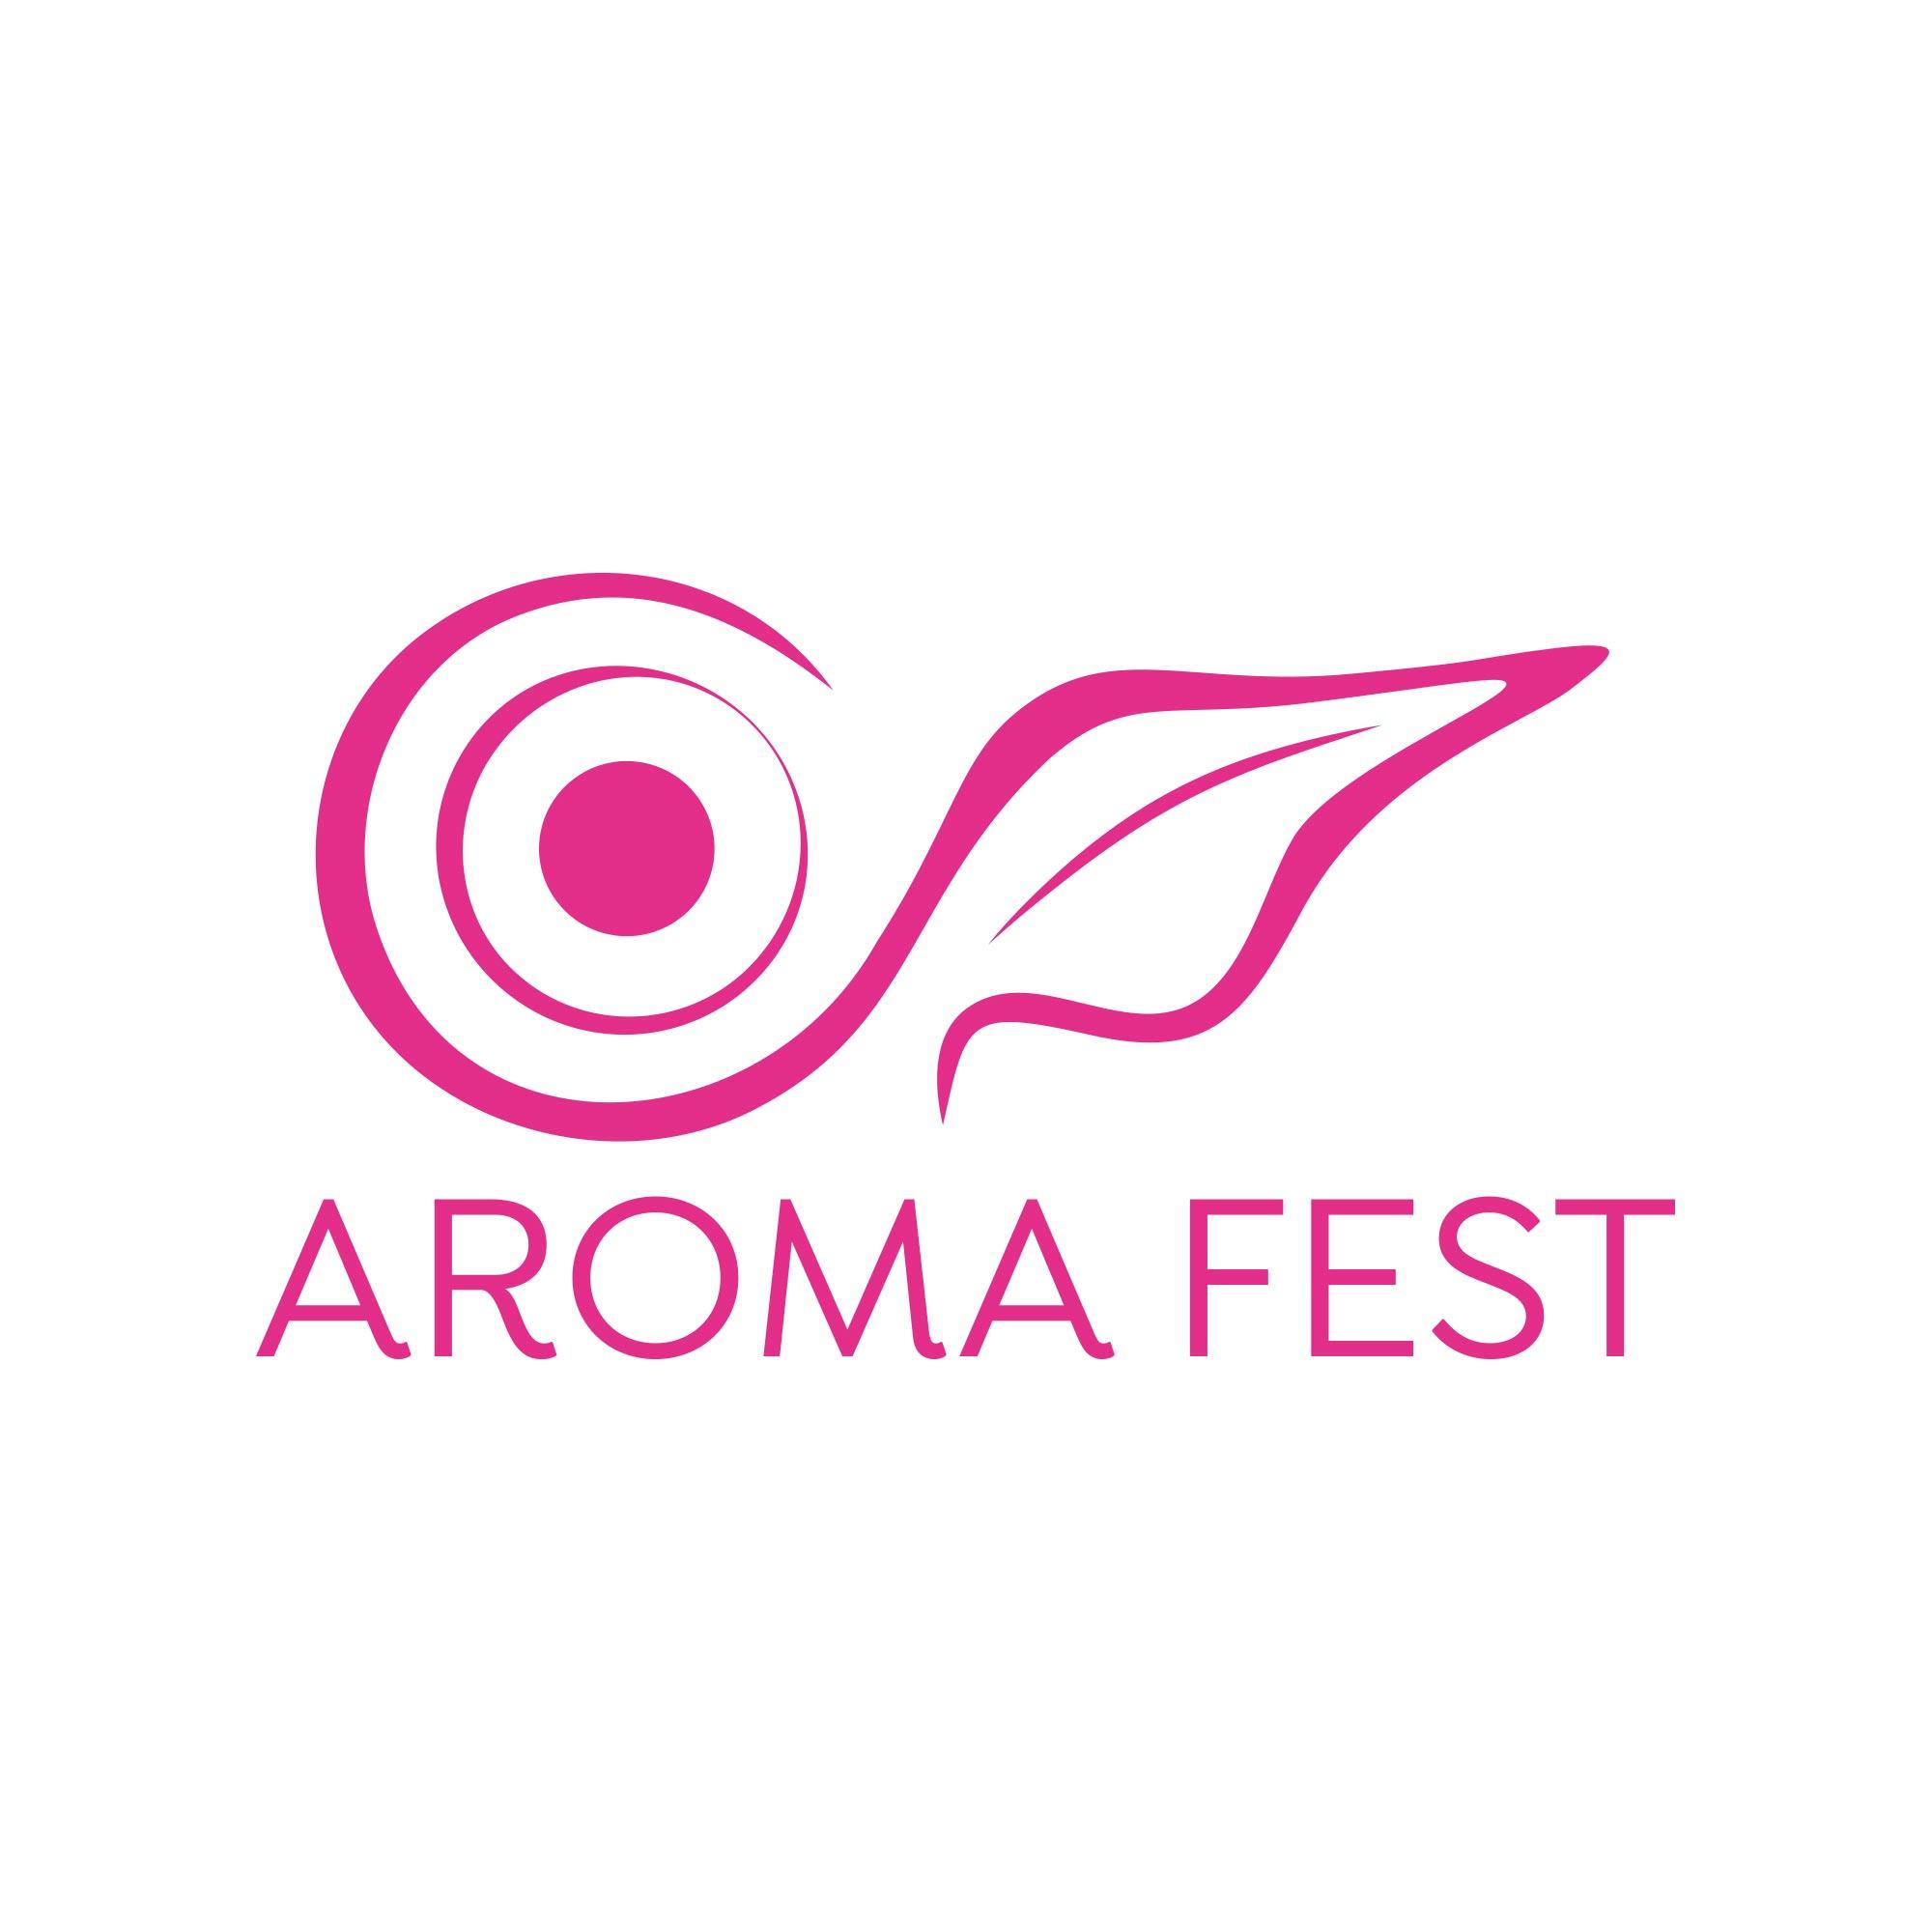 AROMA FEST - doprinos LAG-a Škoji uzgoju i preradi ljekovitog bilja